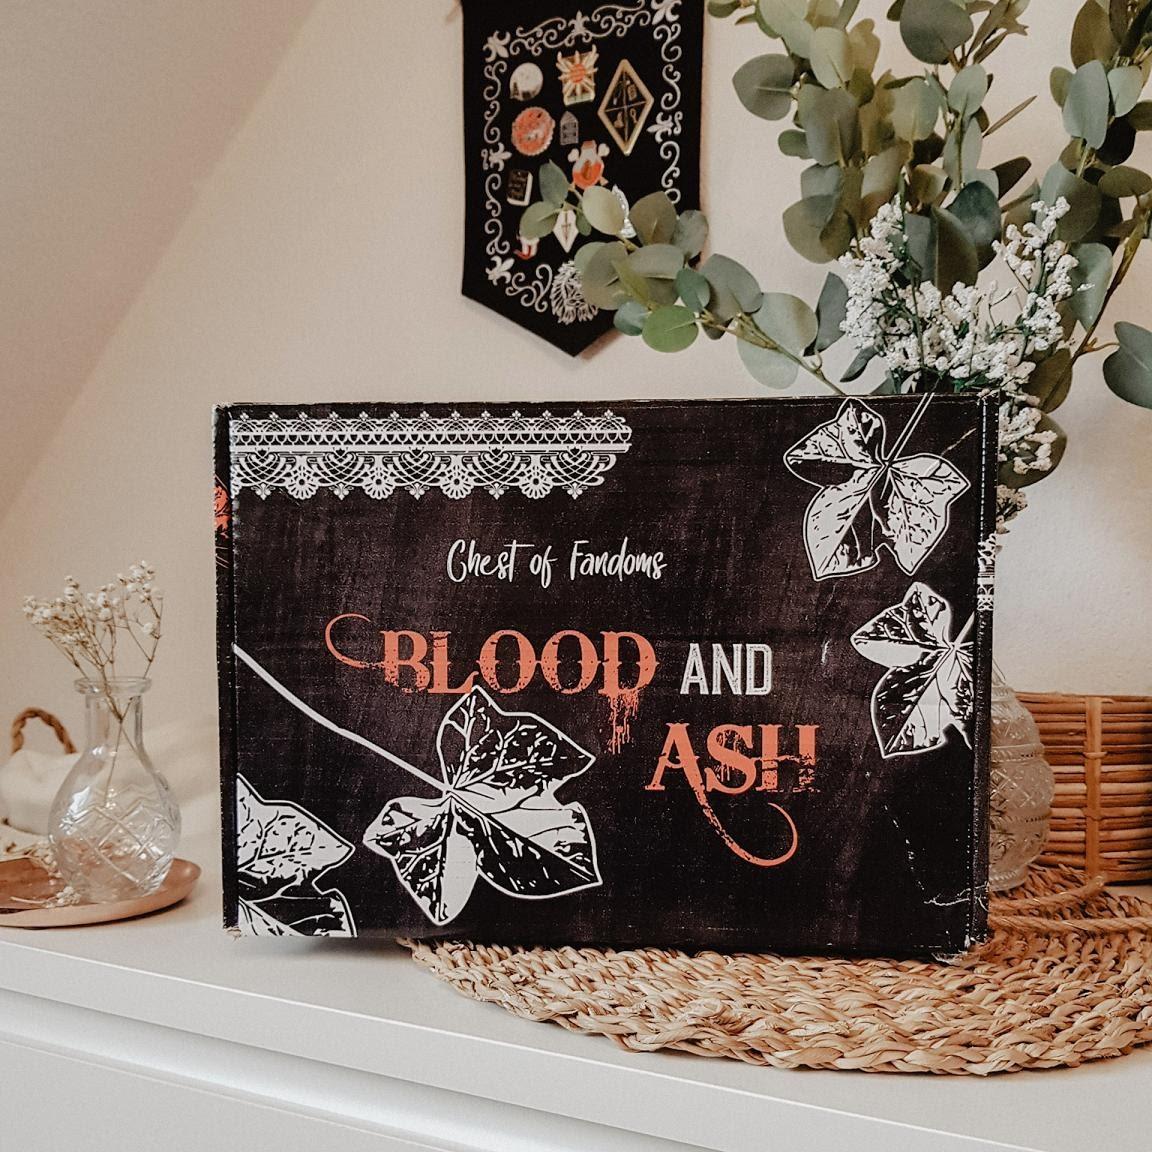 Bücherblog. Unboxing - Part 1. Chest of Fandoms - Blood & Ash Spezial Box. Jennifer L. Armentrout. FBAA.